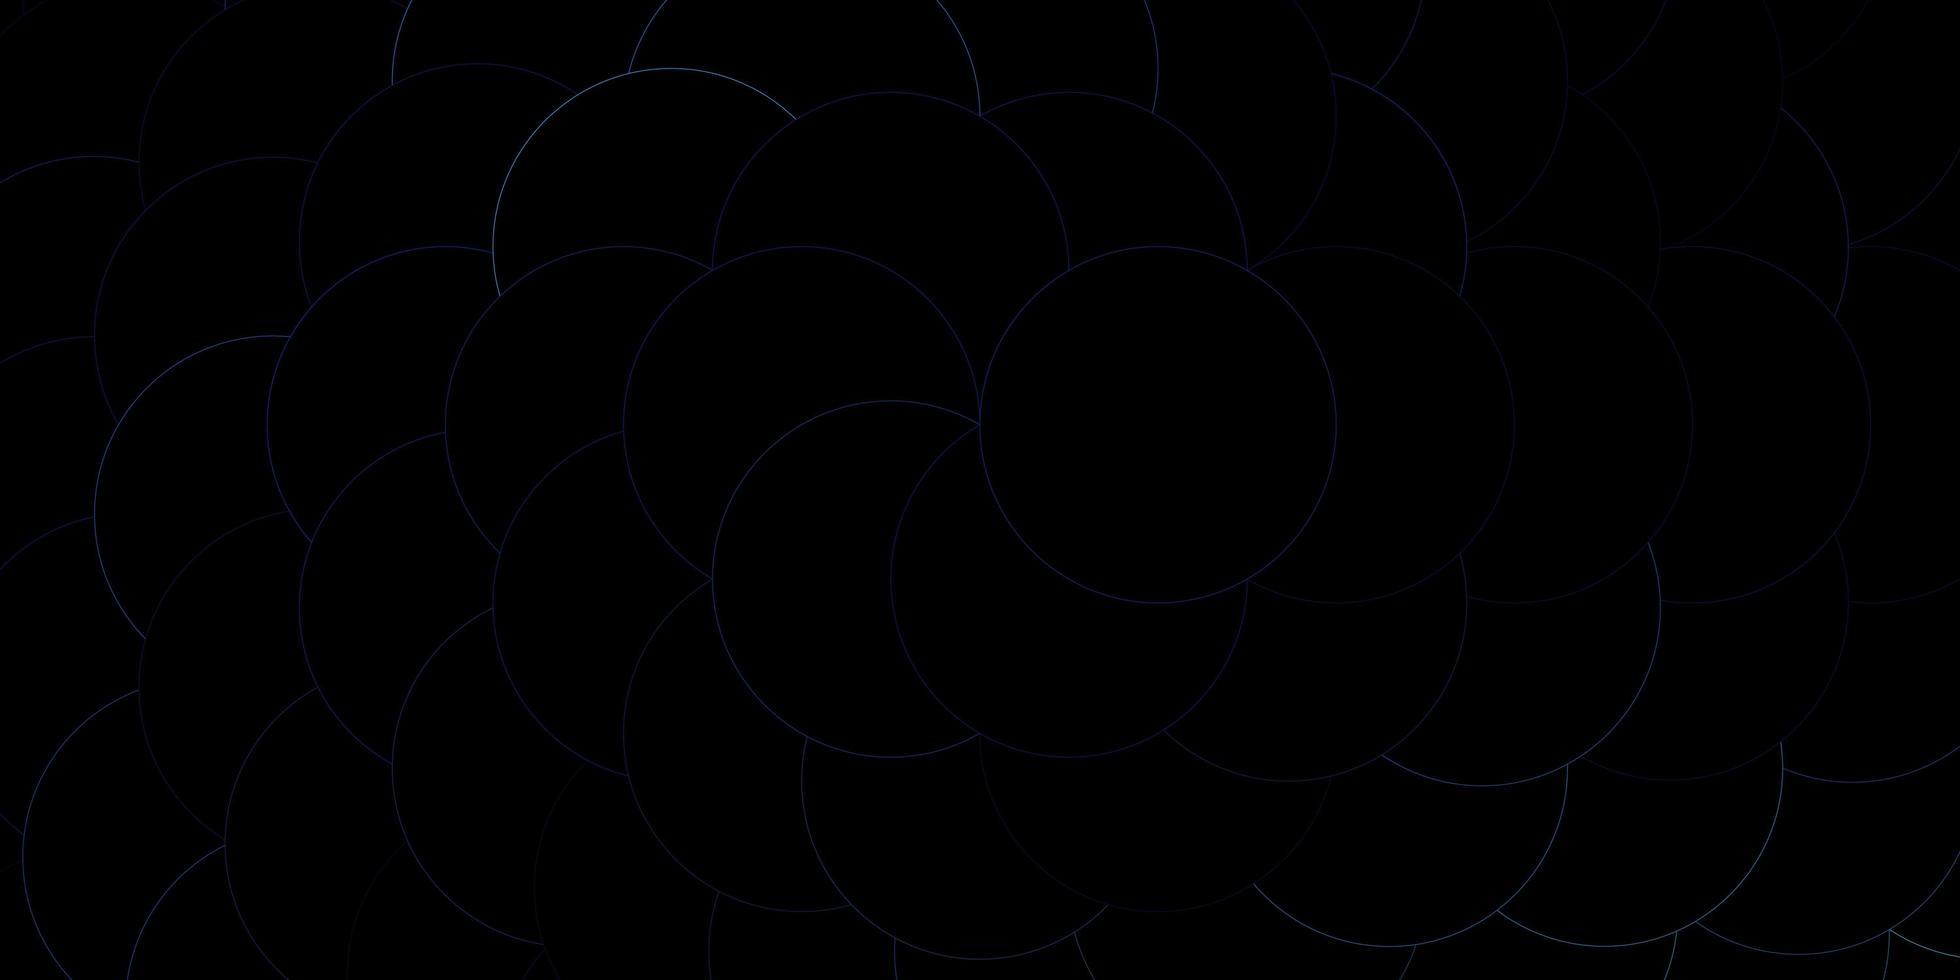 cercles bleus sur un modèle sombre. vecteur